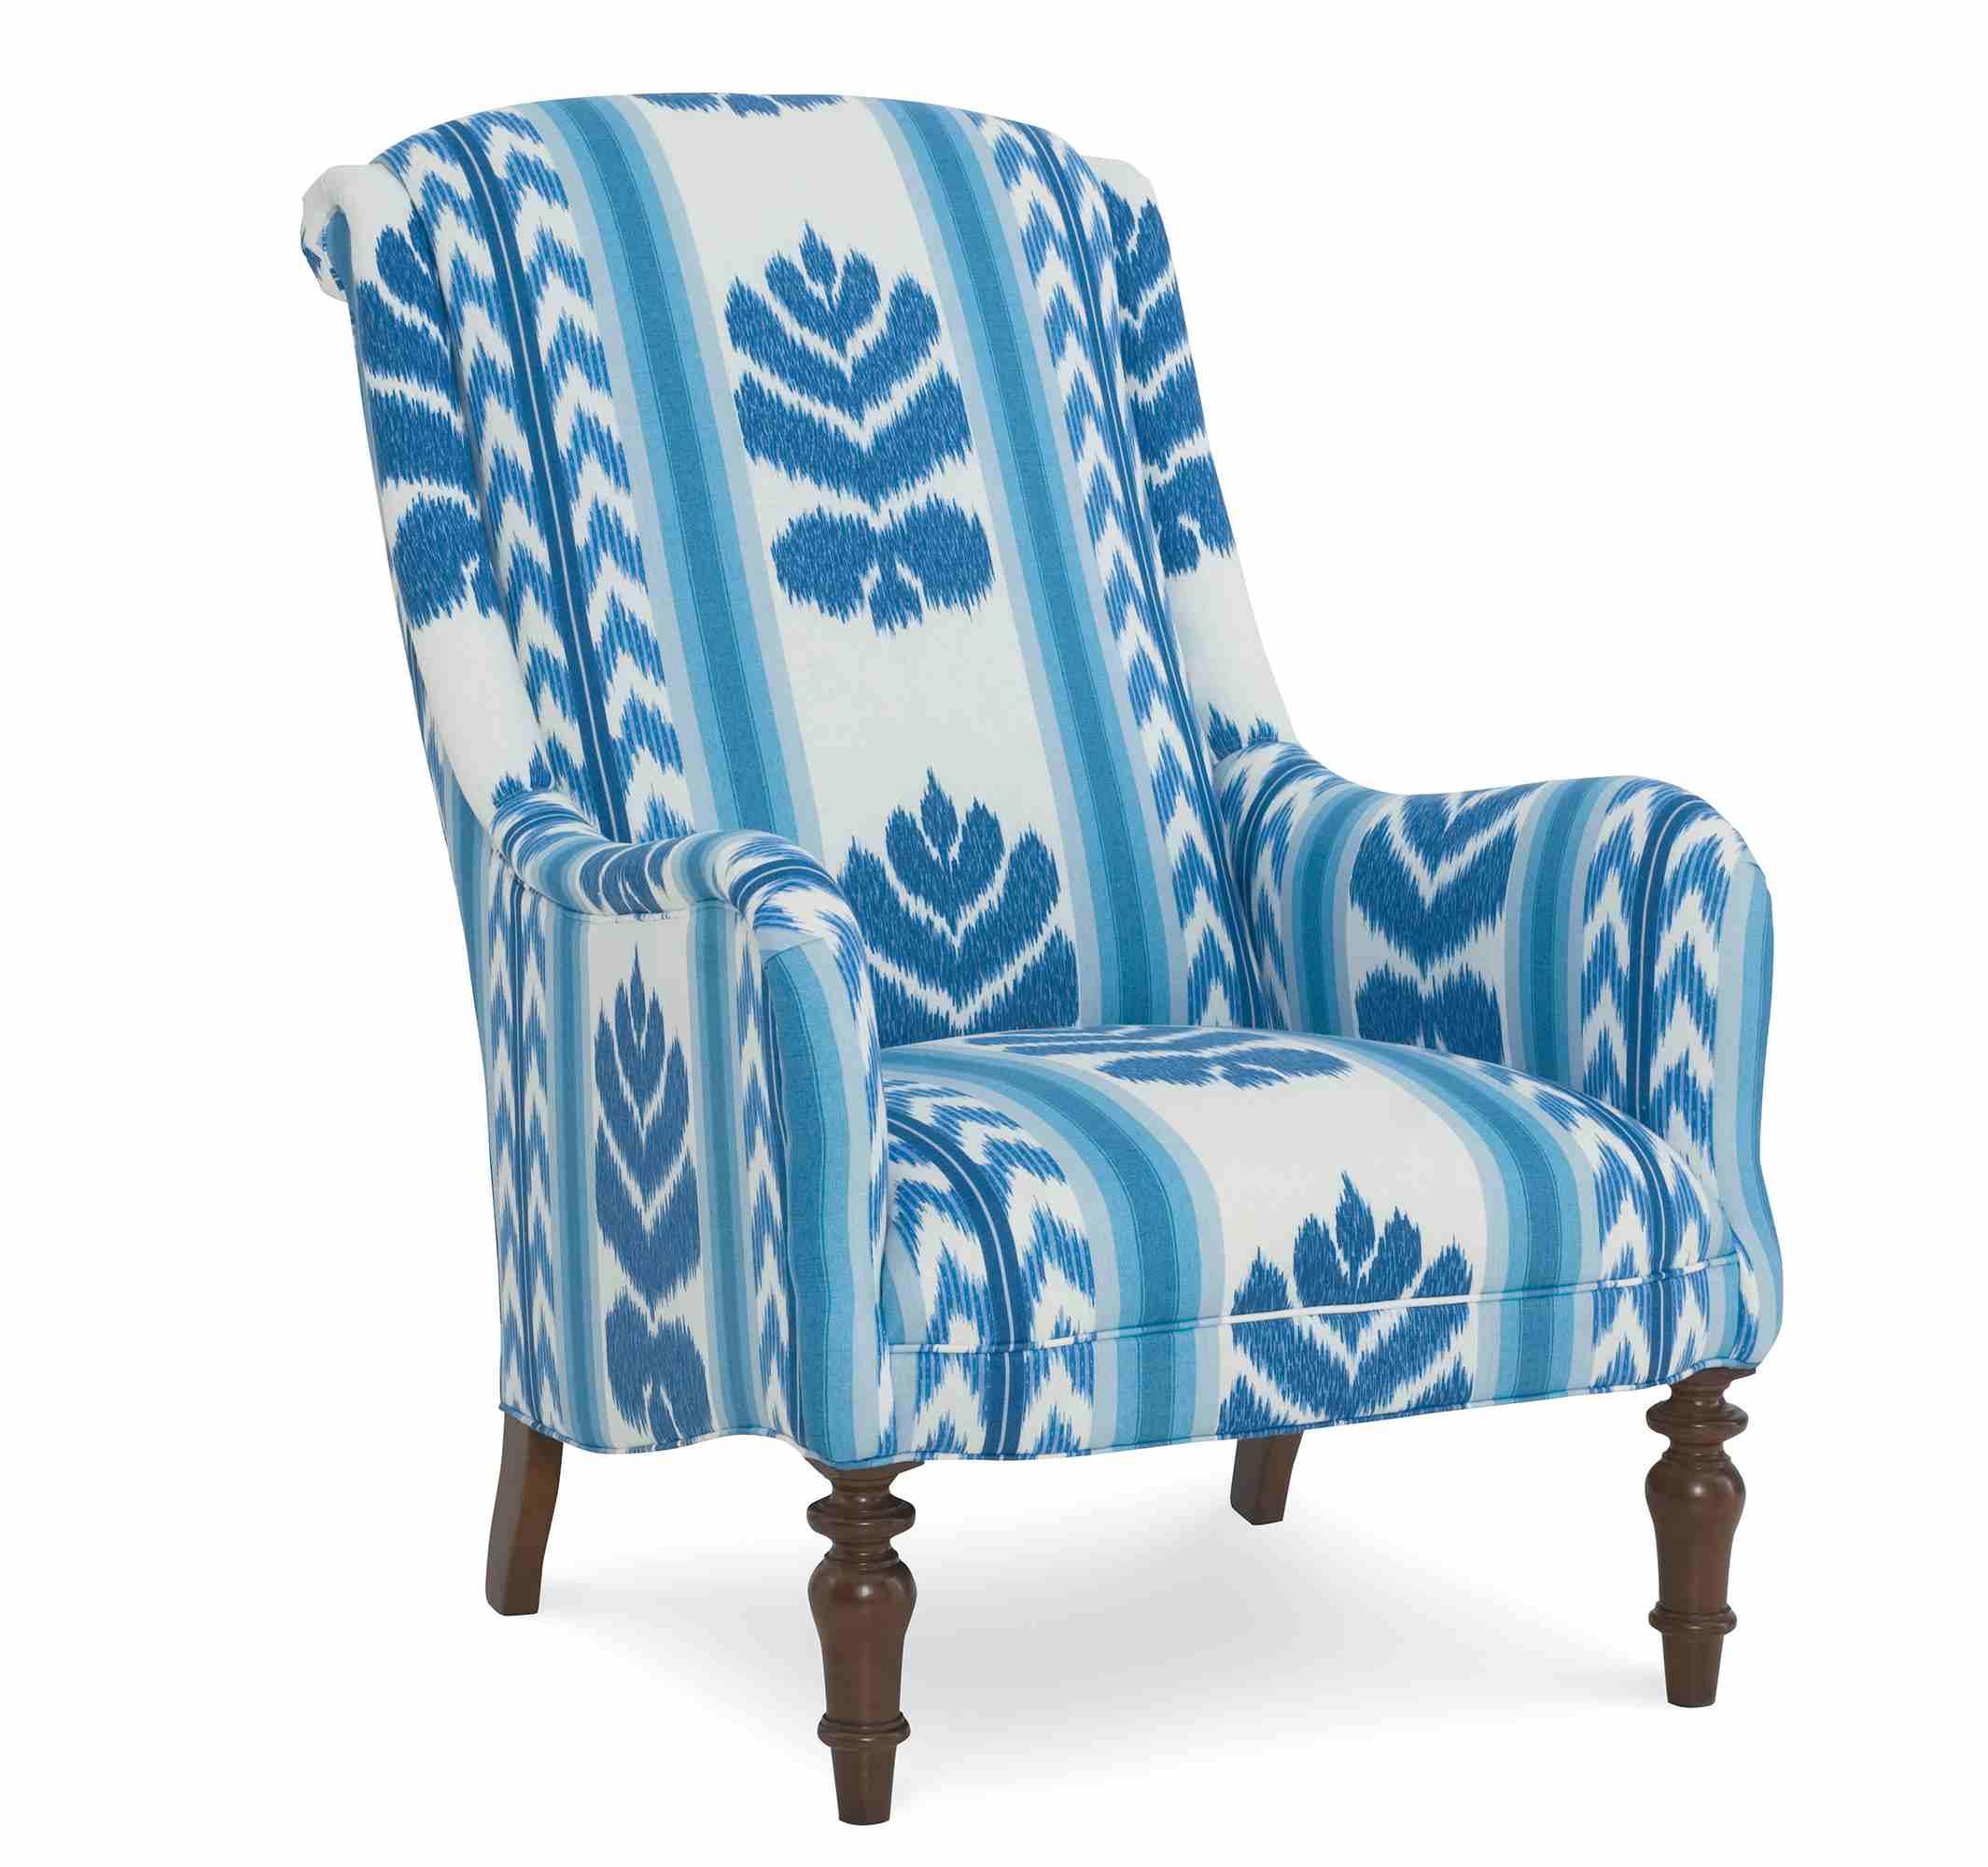 Una silla Easton azul y blanca